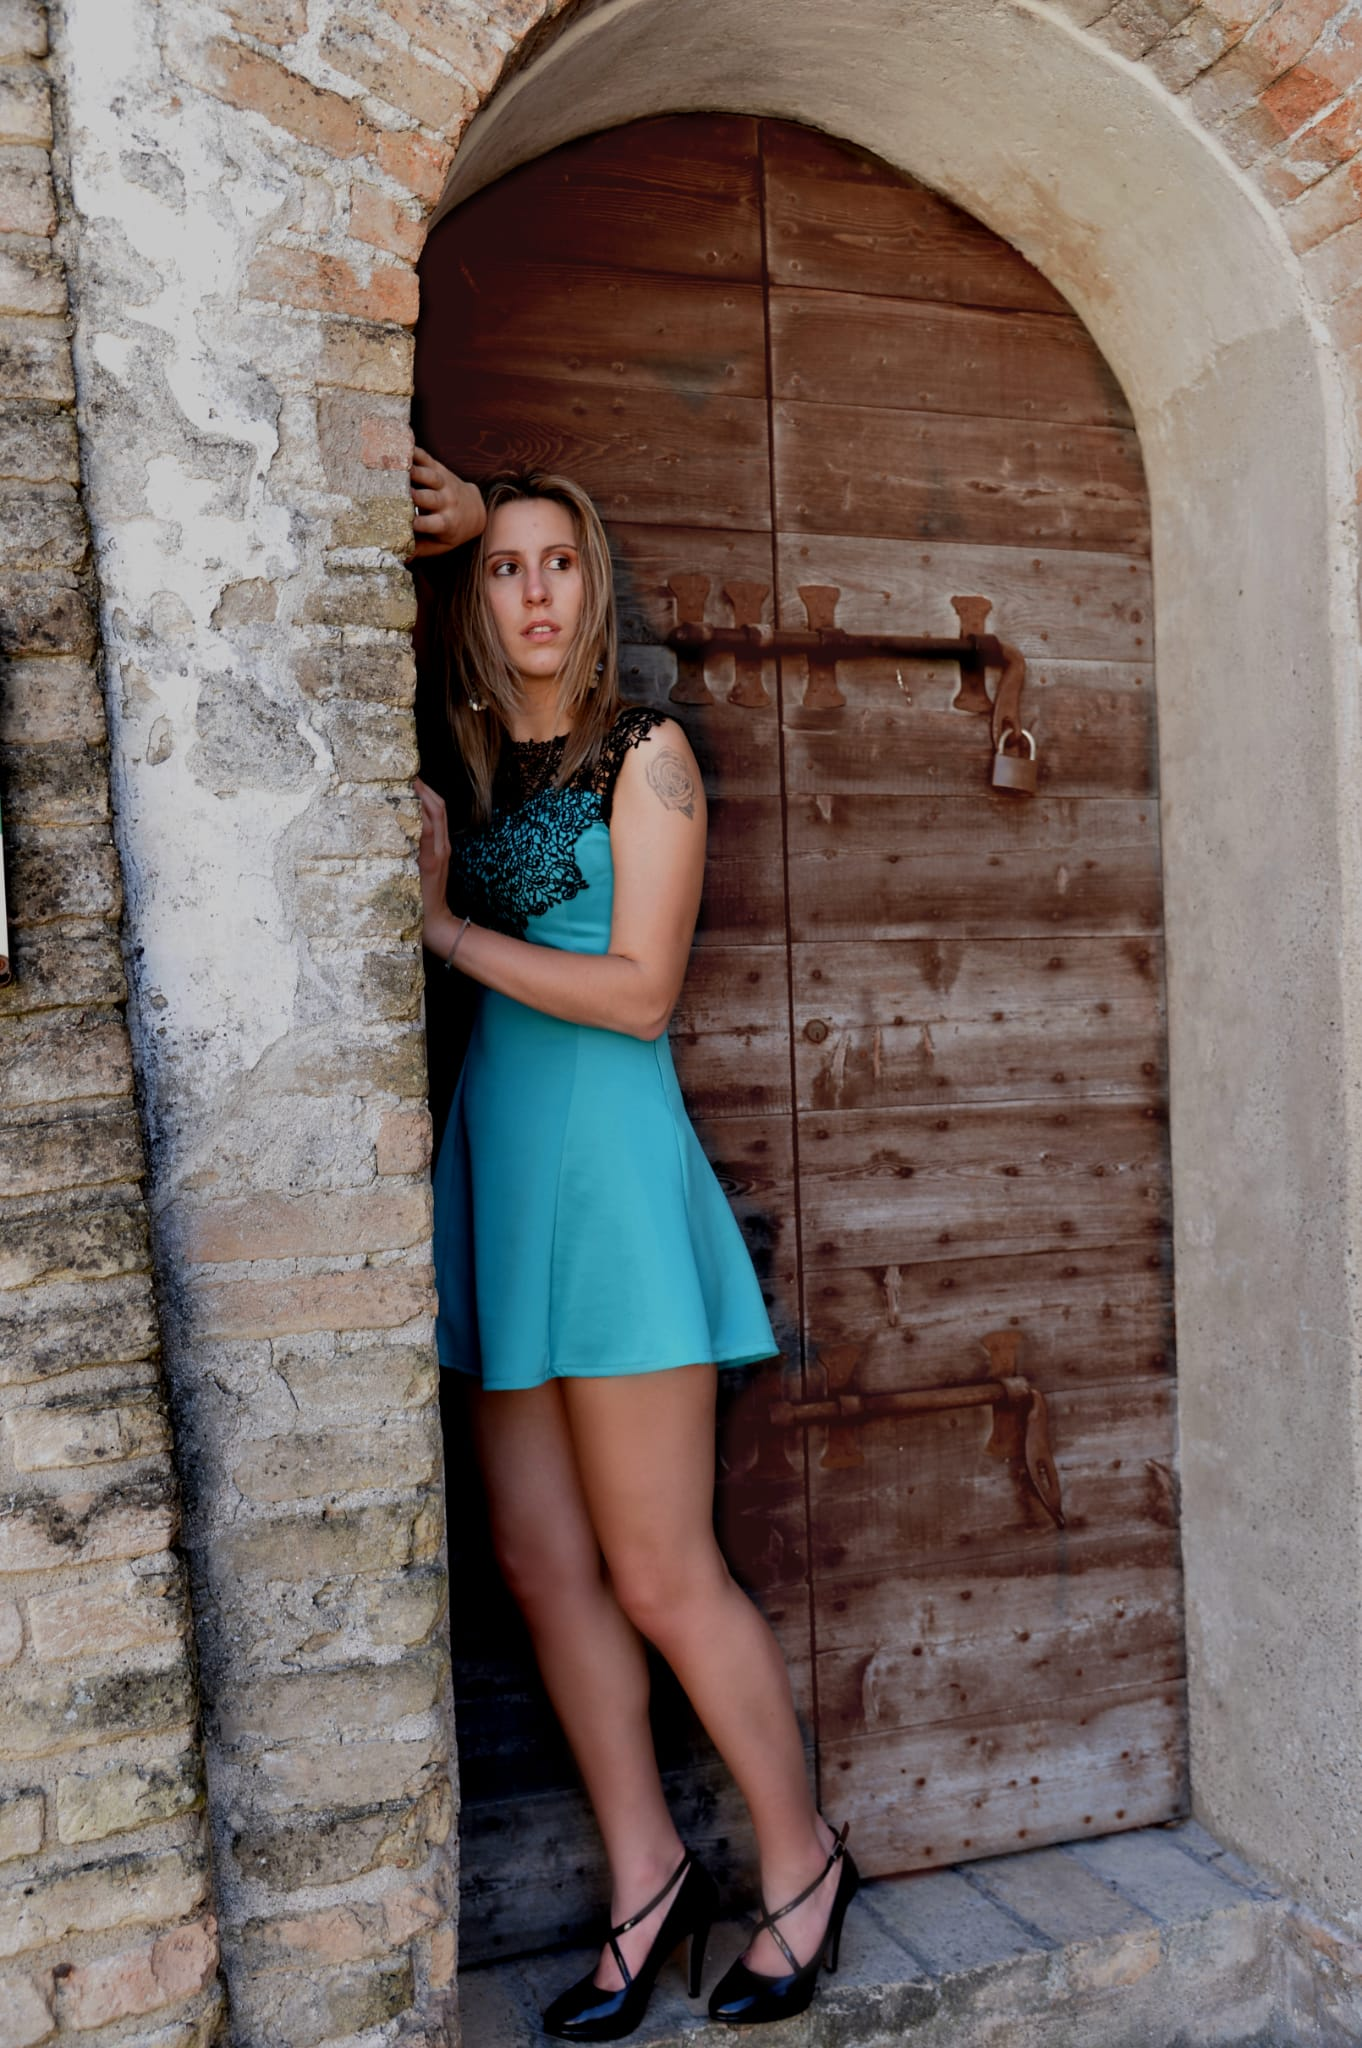 Categorie: Fashion, Glamour, Portrait, Street; Photographer: SERGIO RUSTICI; Model: MARTYNA COSTA; Location: Borghetto, Valeggio sul Mincio VR, Italia